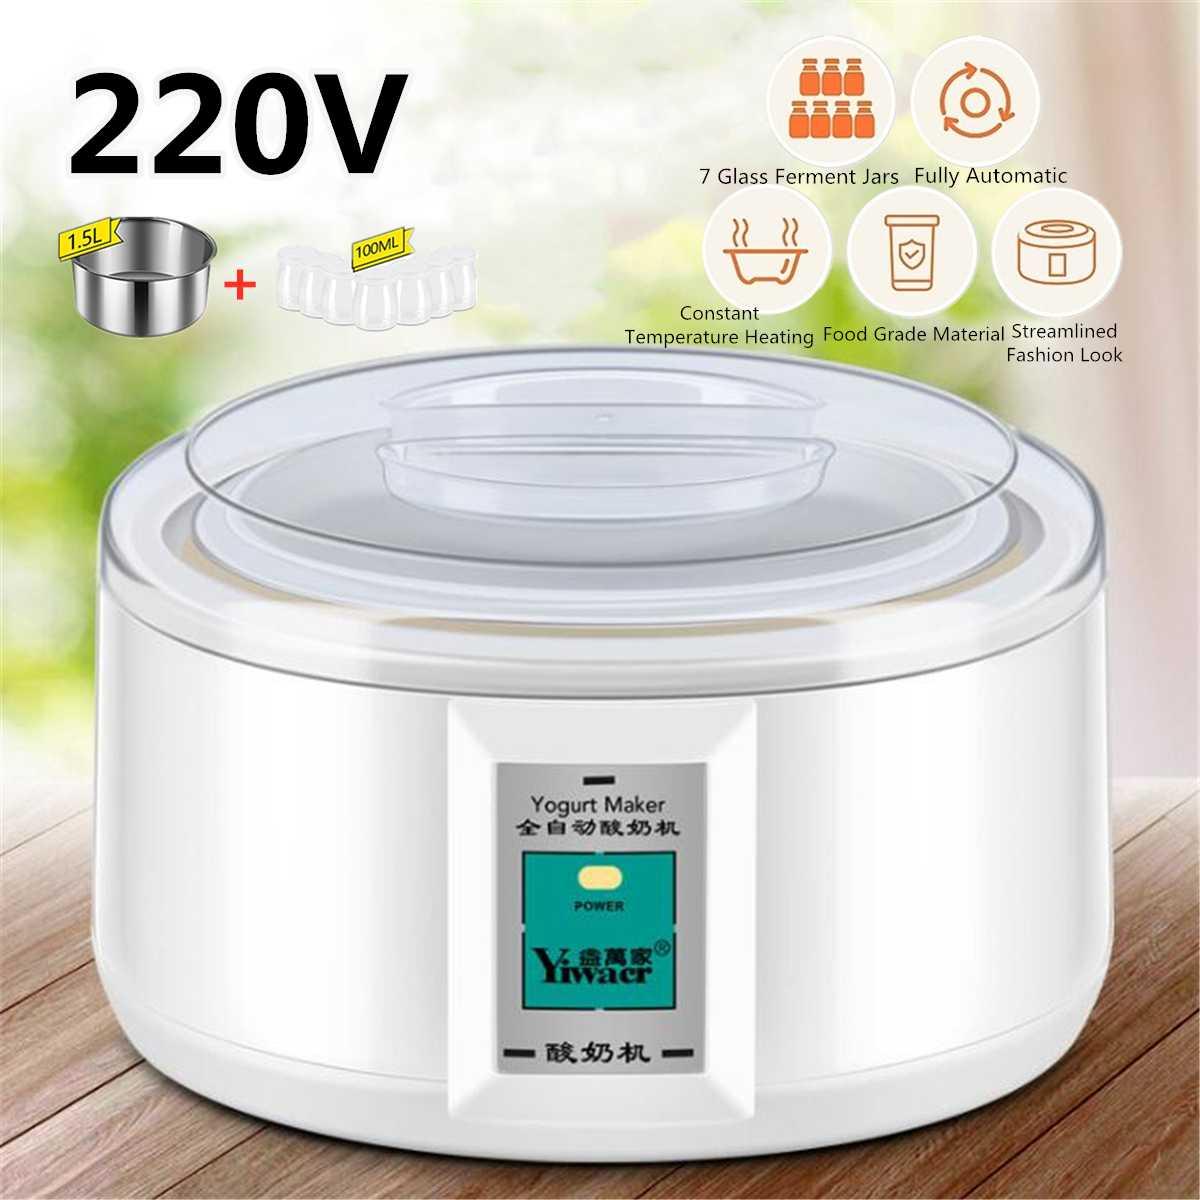 1.5L yaourtière électrique yaourt bricolage outil appareils de cuisine revêtement automatique matériel en acier inoxydable yaourtière avec 7 pots